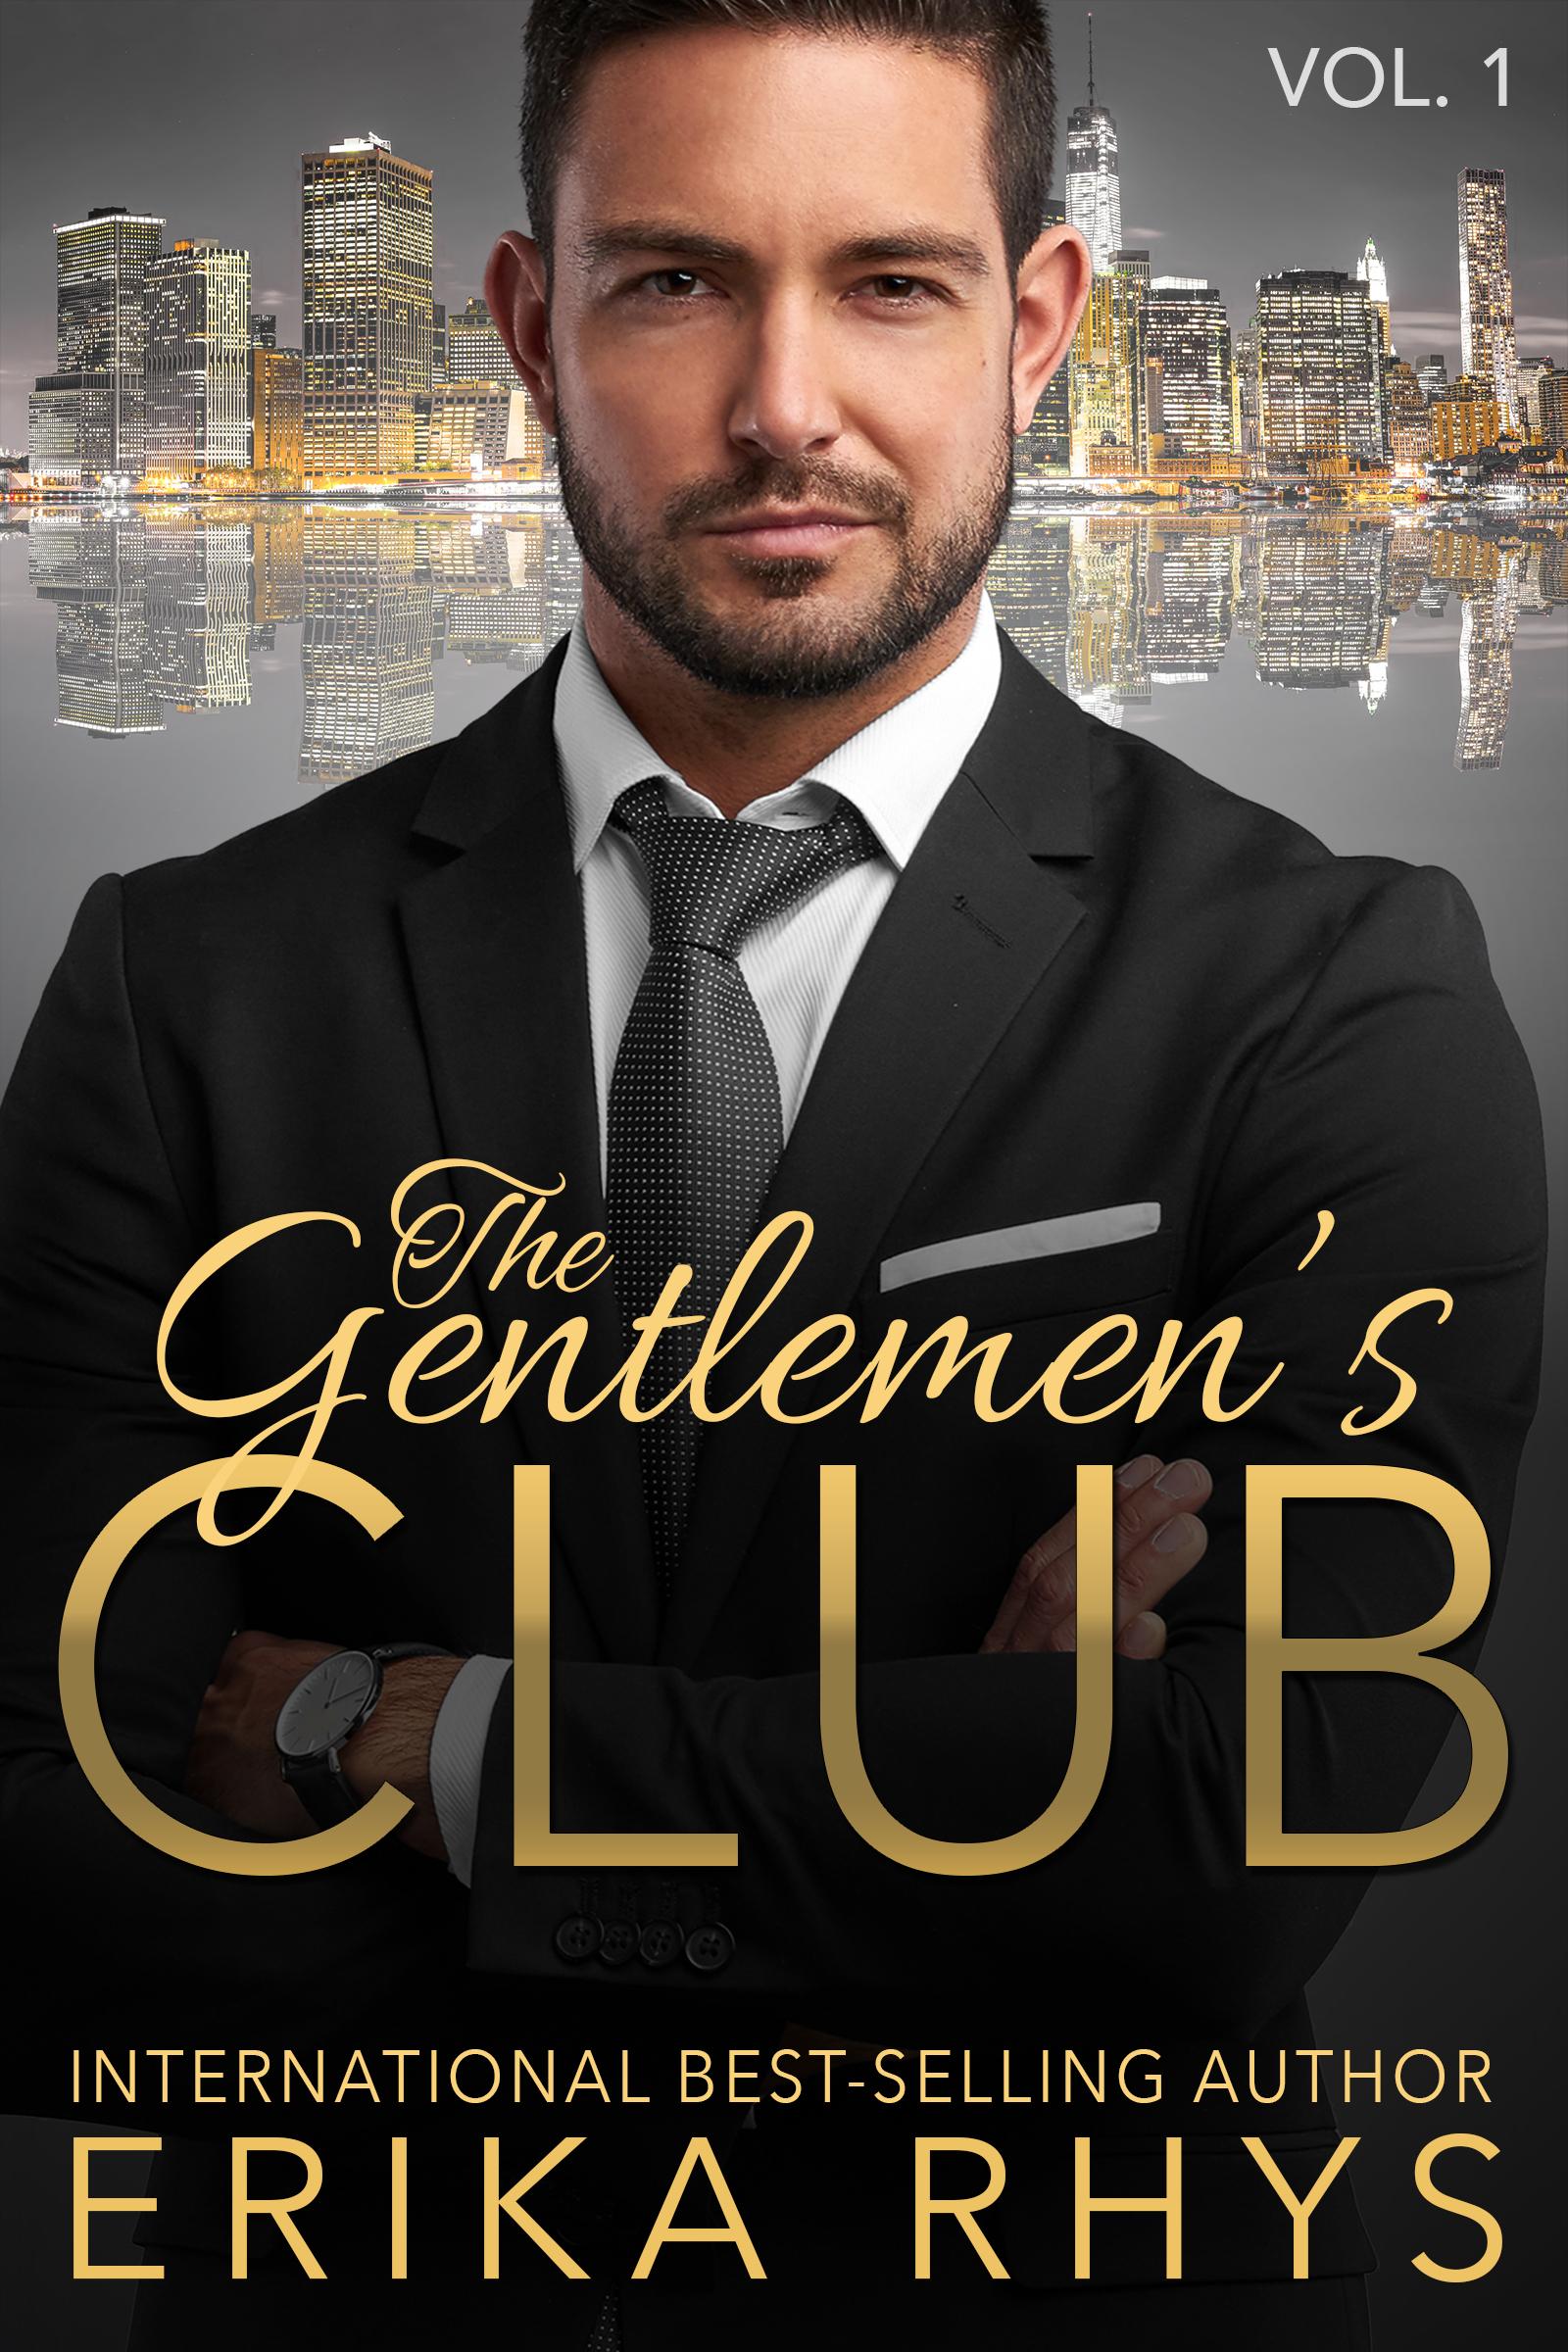 The Gentlemen's Club, Vol. 1